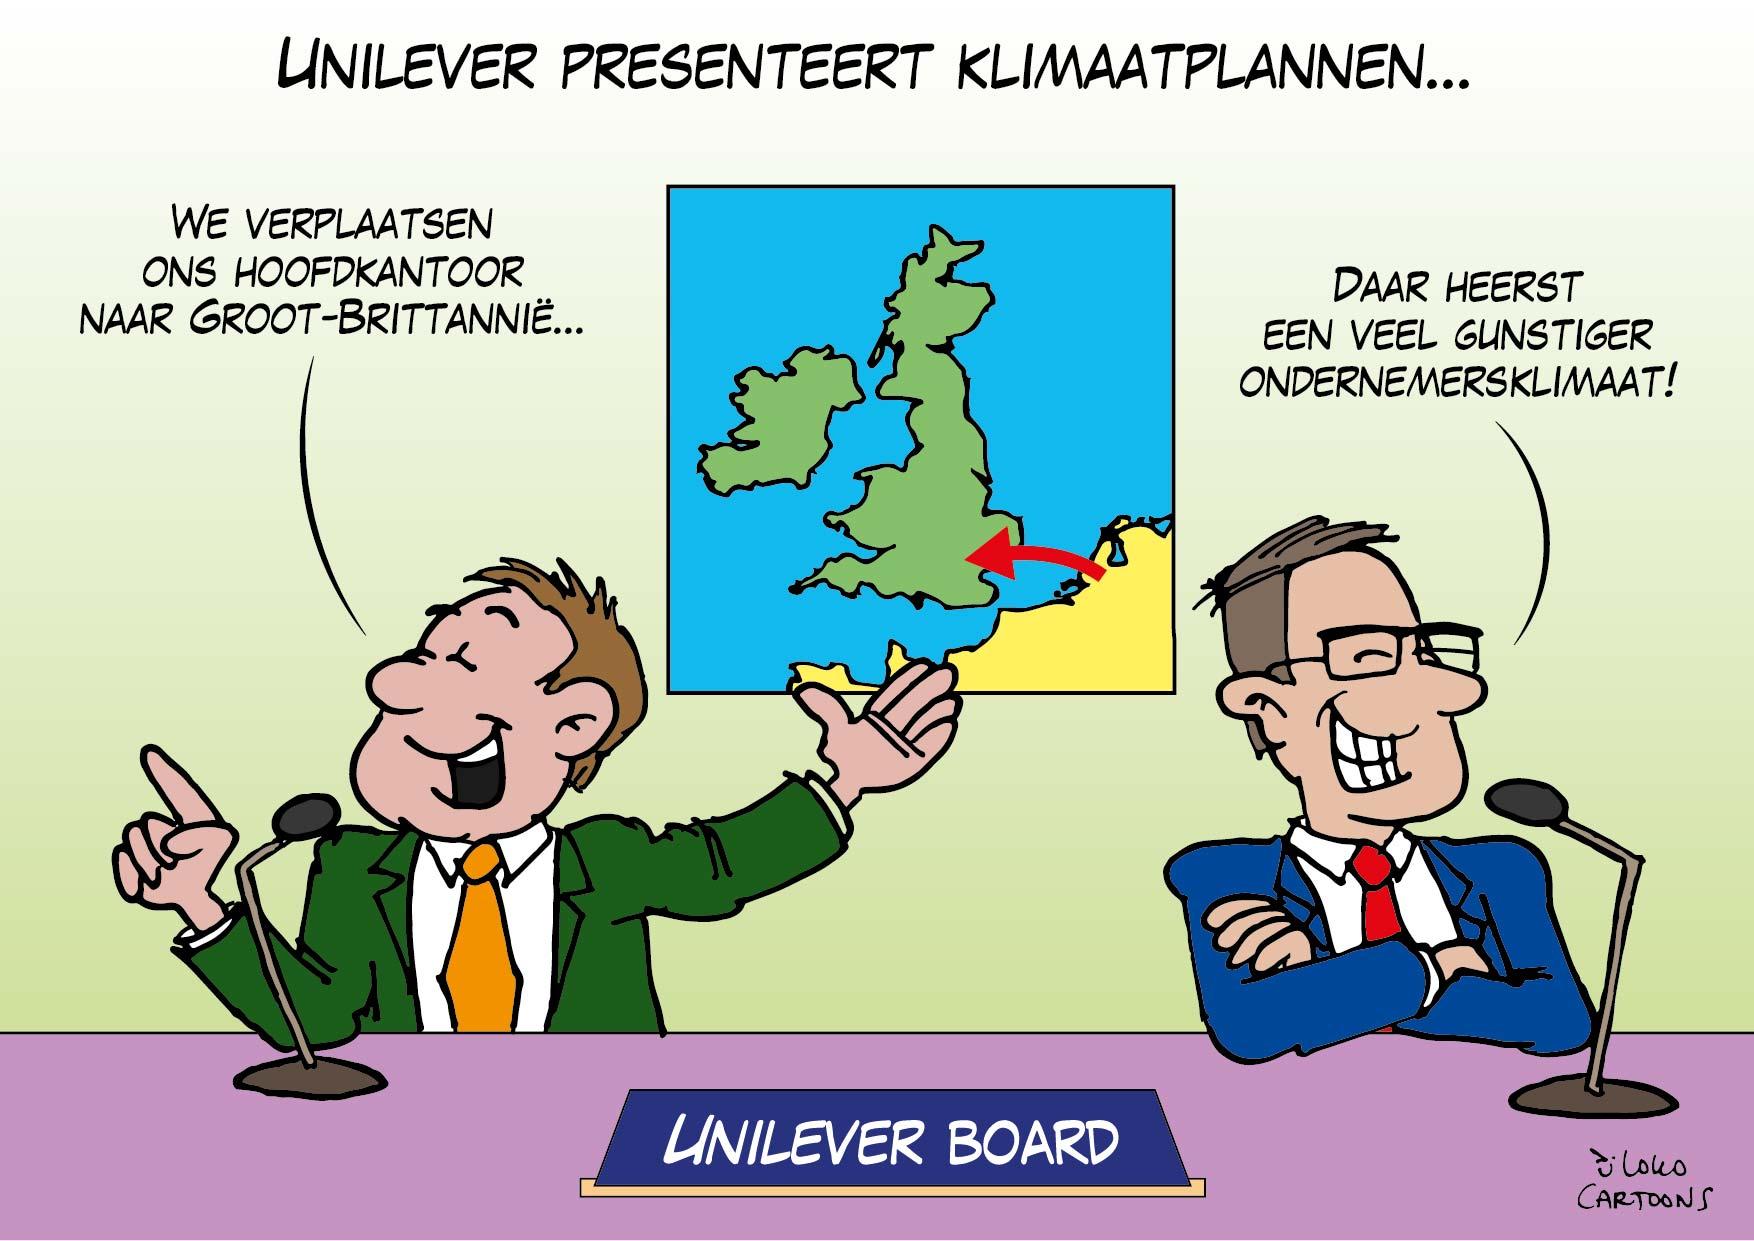 Unilever presenteert klimaatplannen…